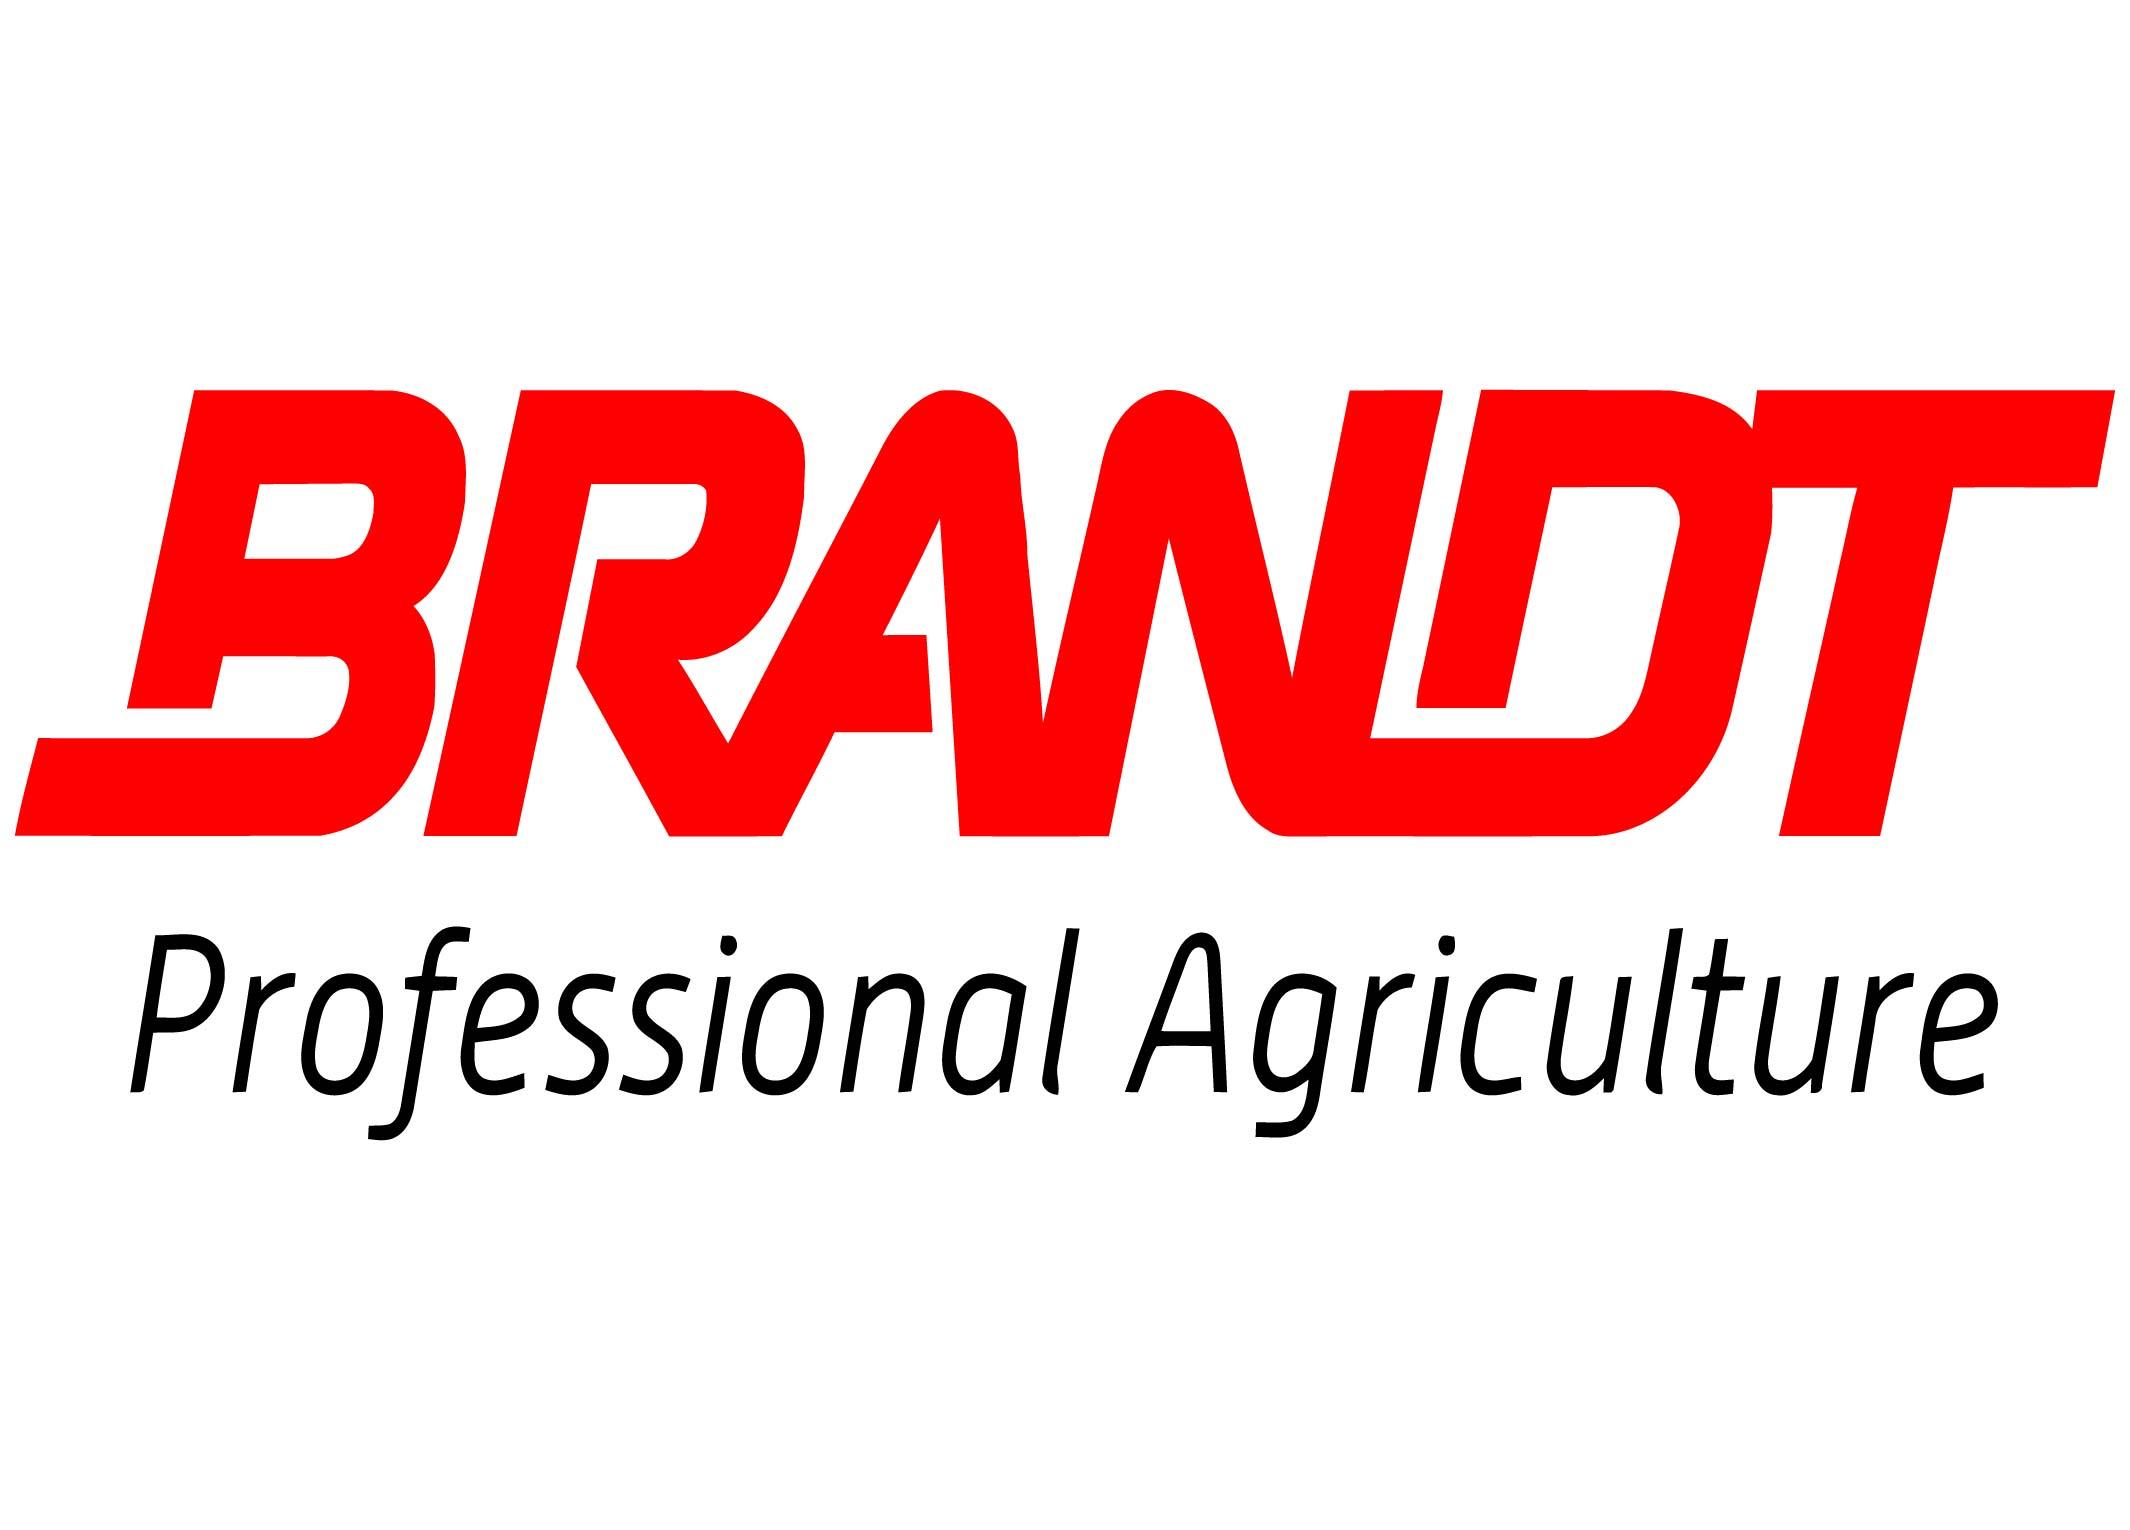 Brandt Professional Agriculture-01.jpg